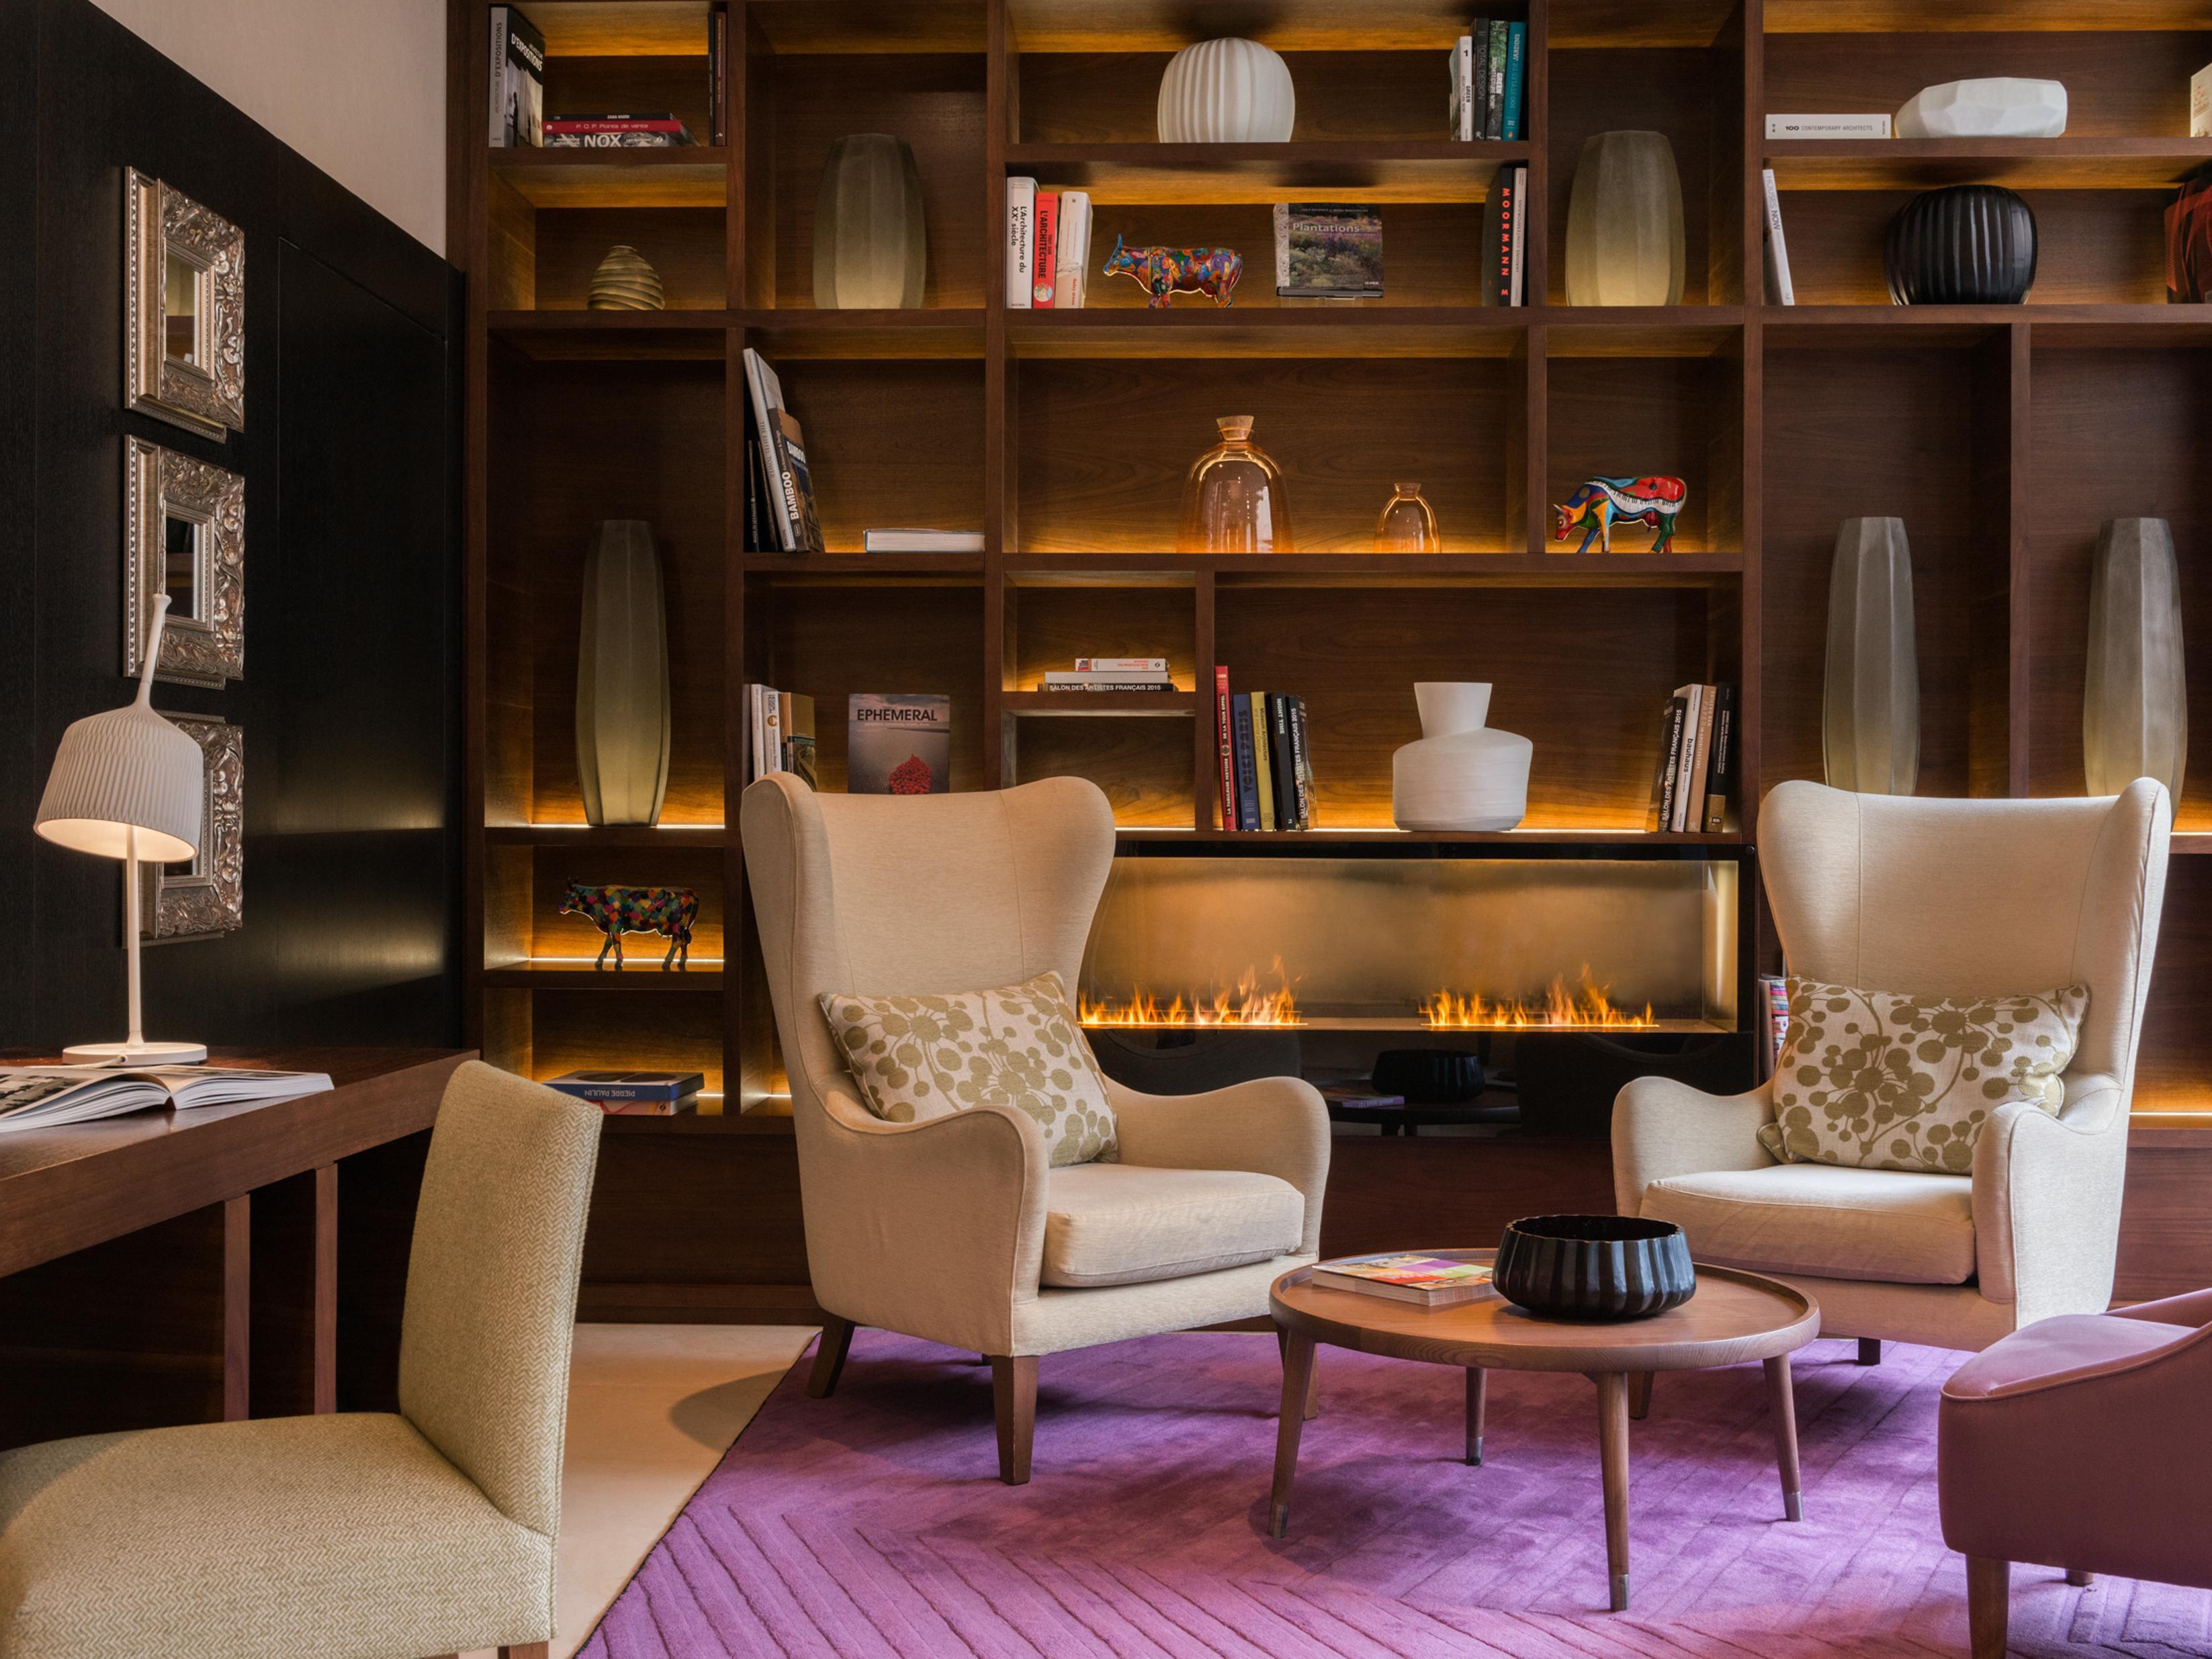 Find Neuilly Sur Seine Hotels   Top 23 Hotels In Neuilly Sur Seine, France  By IHG